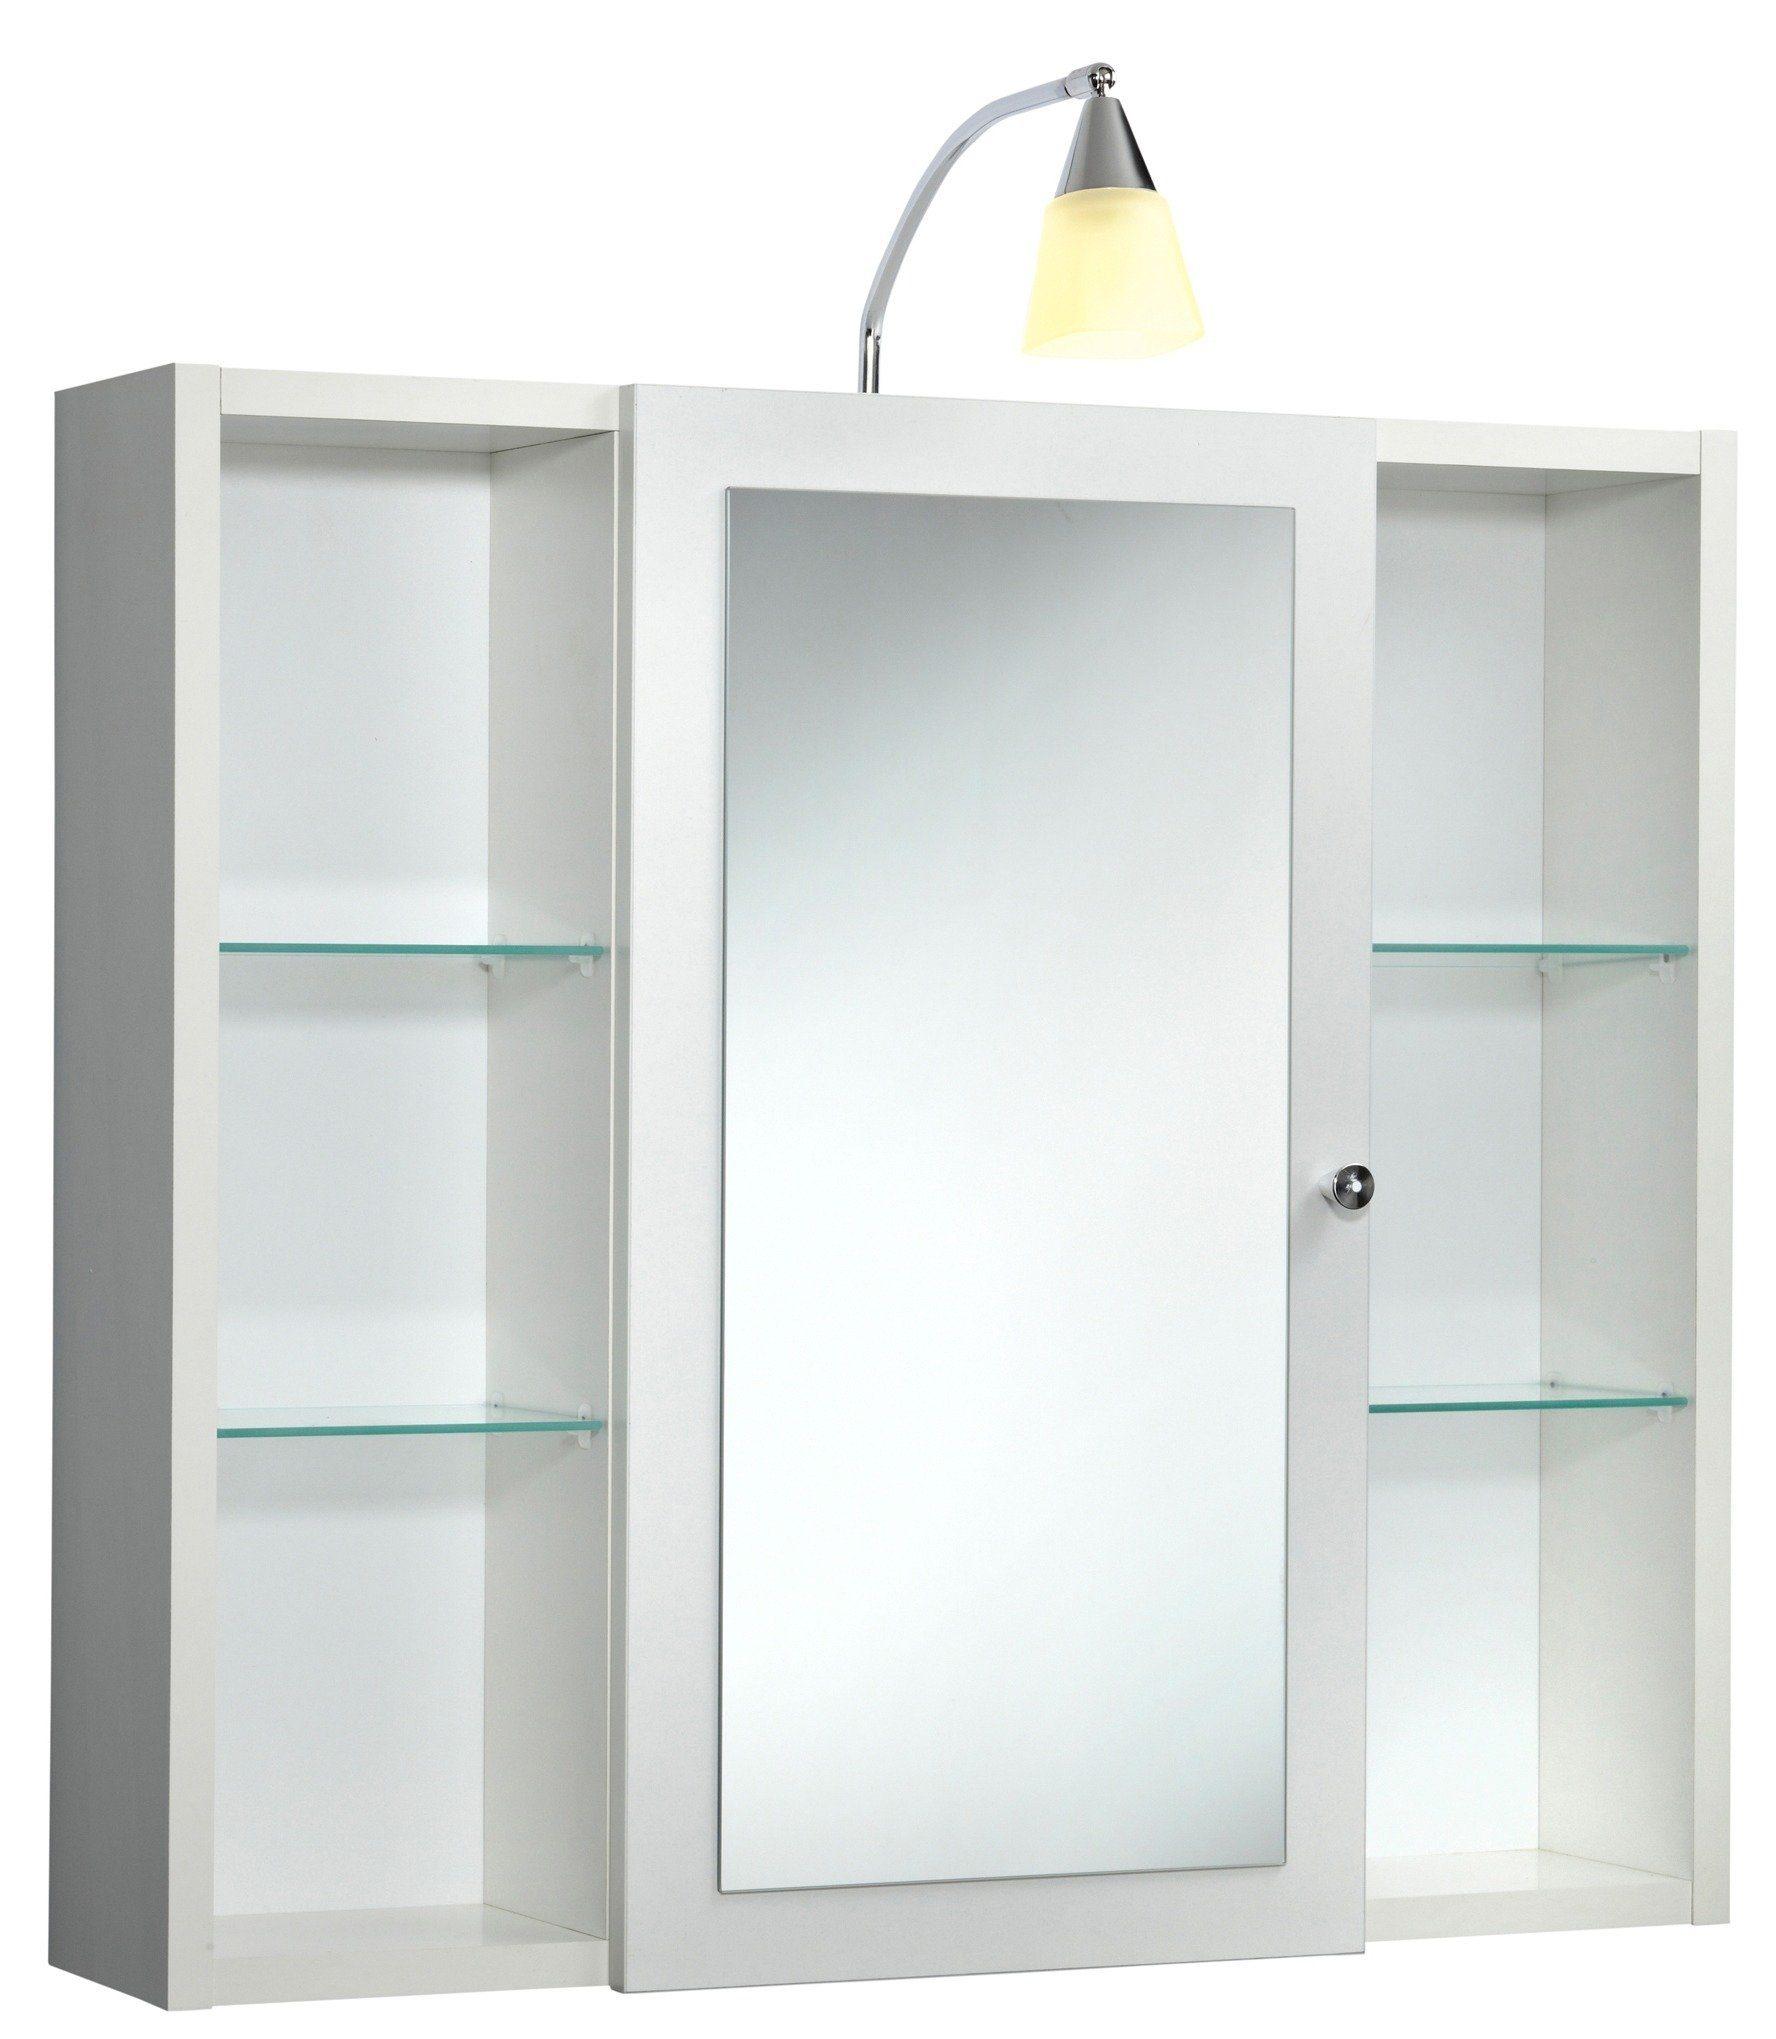 Sehr JOKEY Spiegelschrank »Latina«, Breite 72 cm kaufen | OTTO OL42